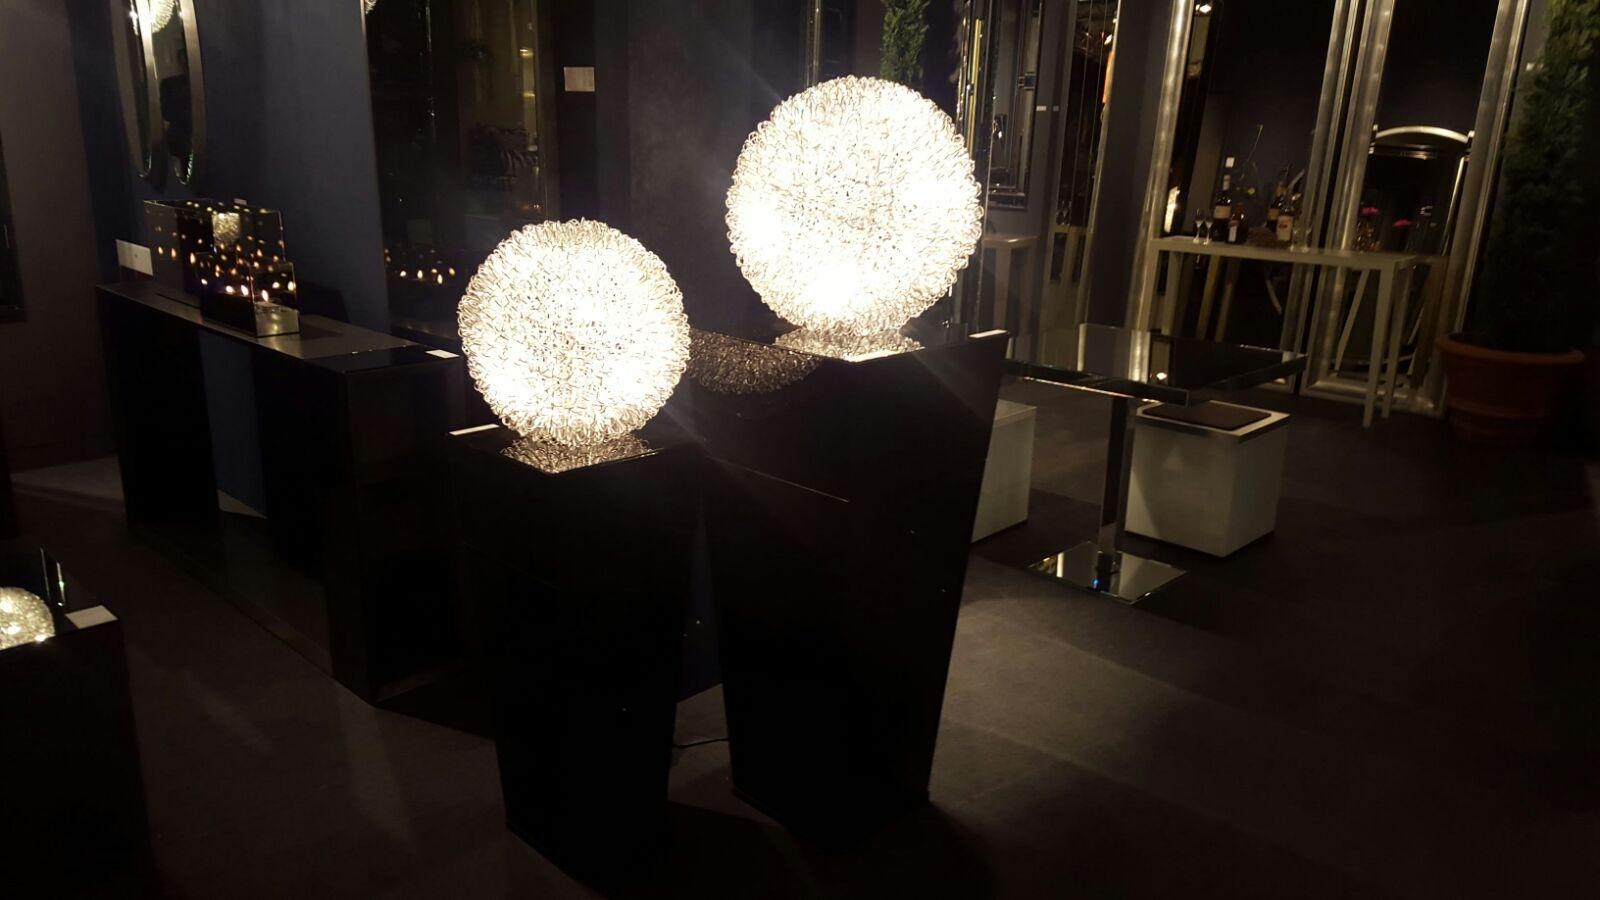 LED创意时尚吊灯规格灯具工厂批发圆球灯厂家圆球灯批发价格圆球吊灯价格优质圆球灯不锈钢圆球灯星星球吊灯星空圆球灯厂家